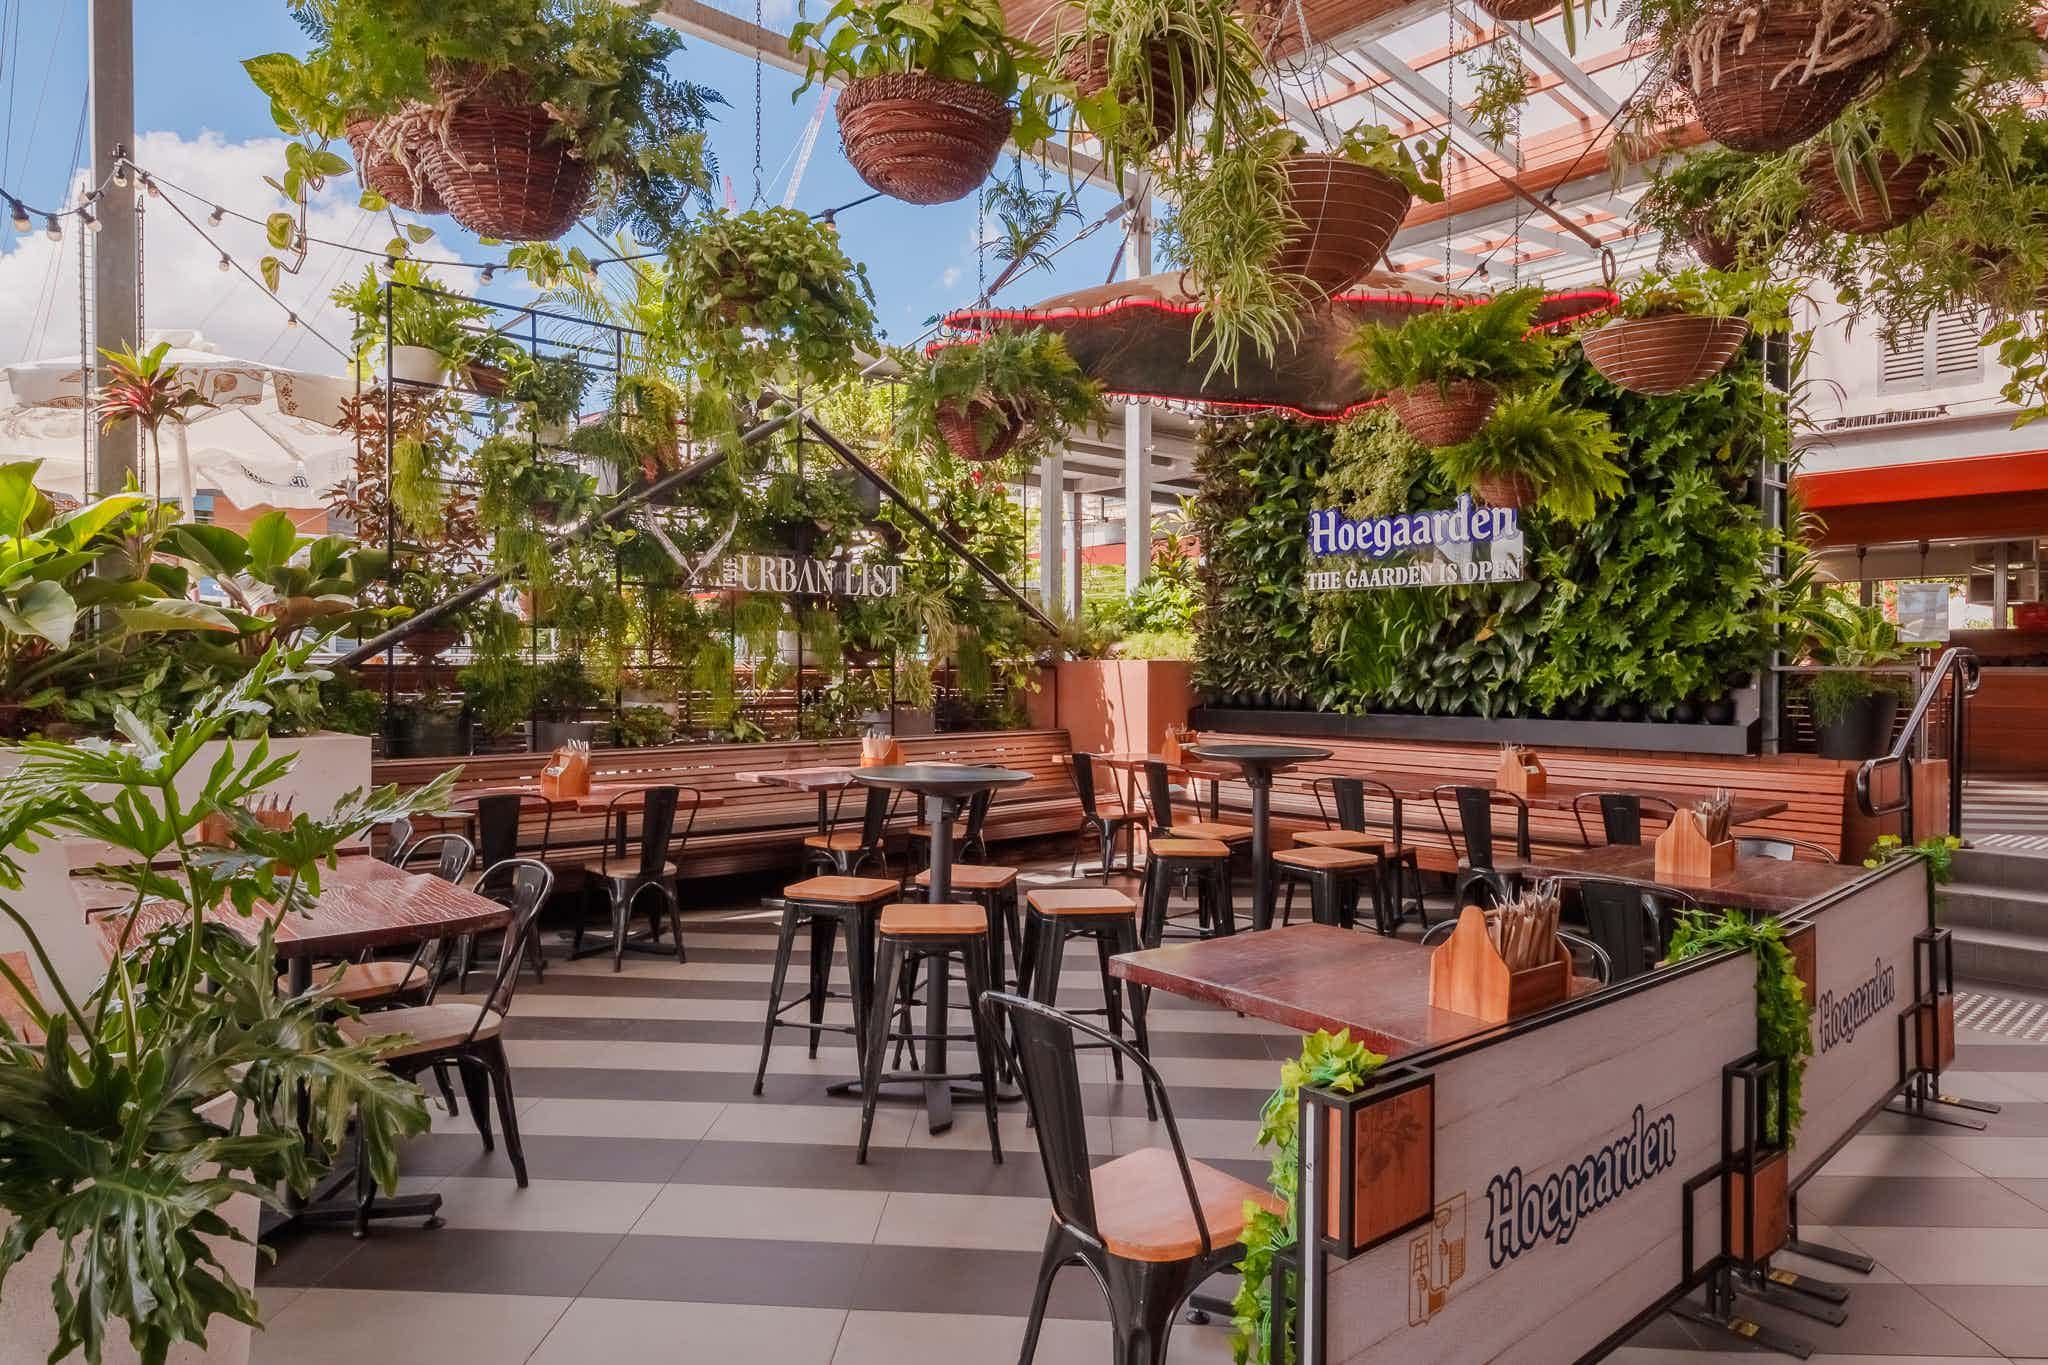 Hoegaarden, Southbank Beer Garden